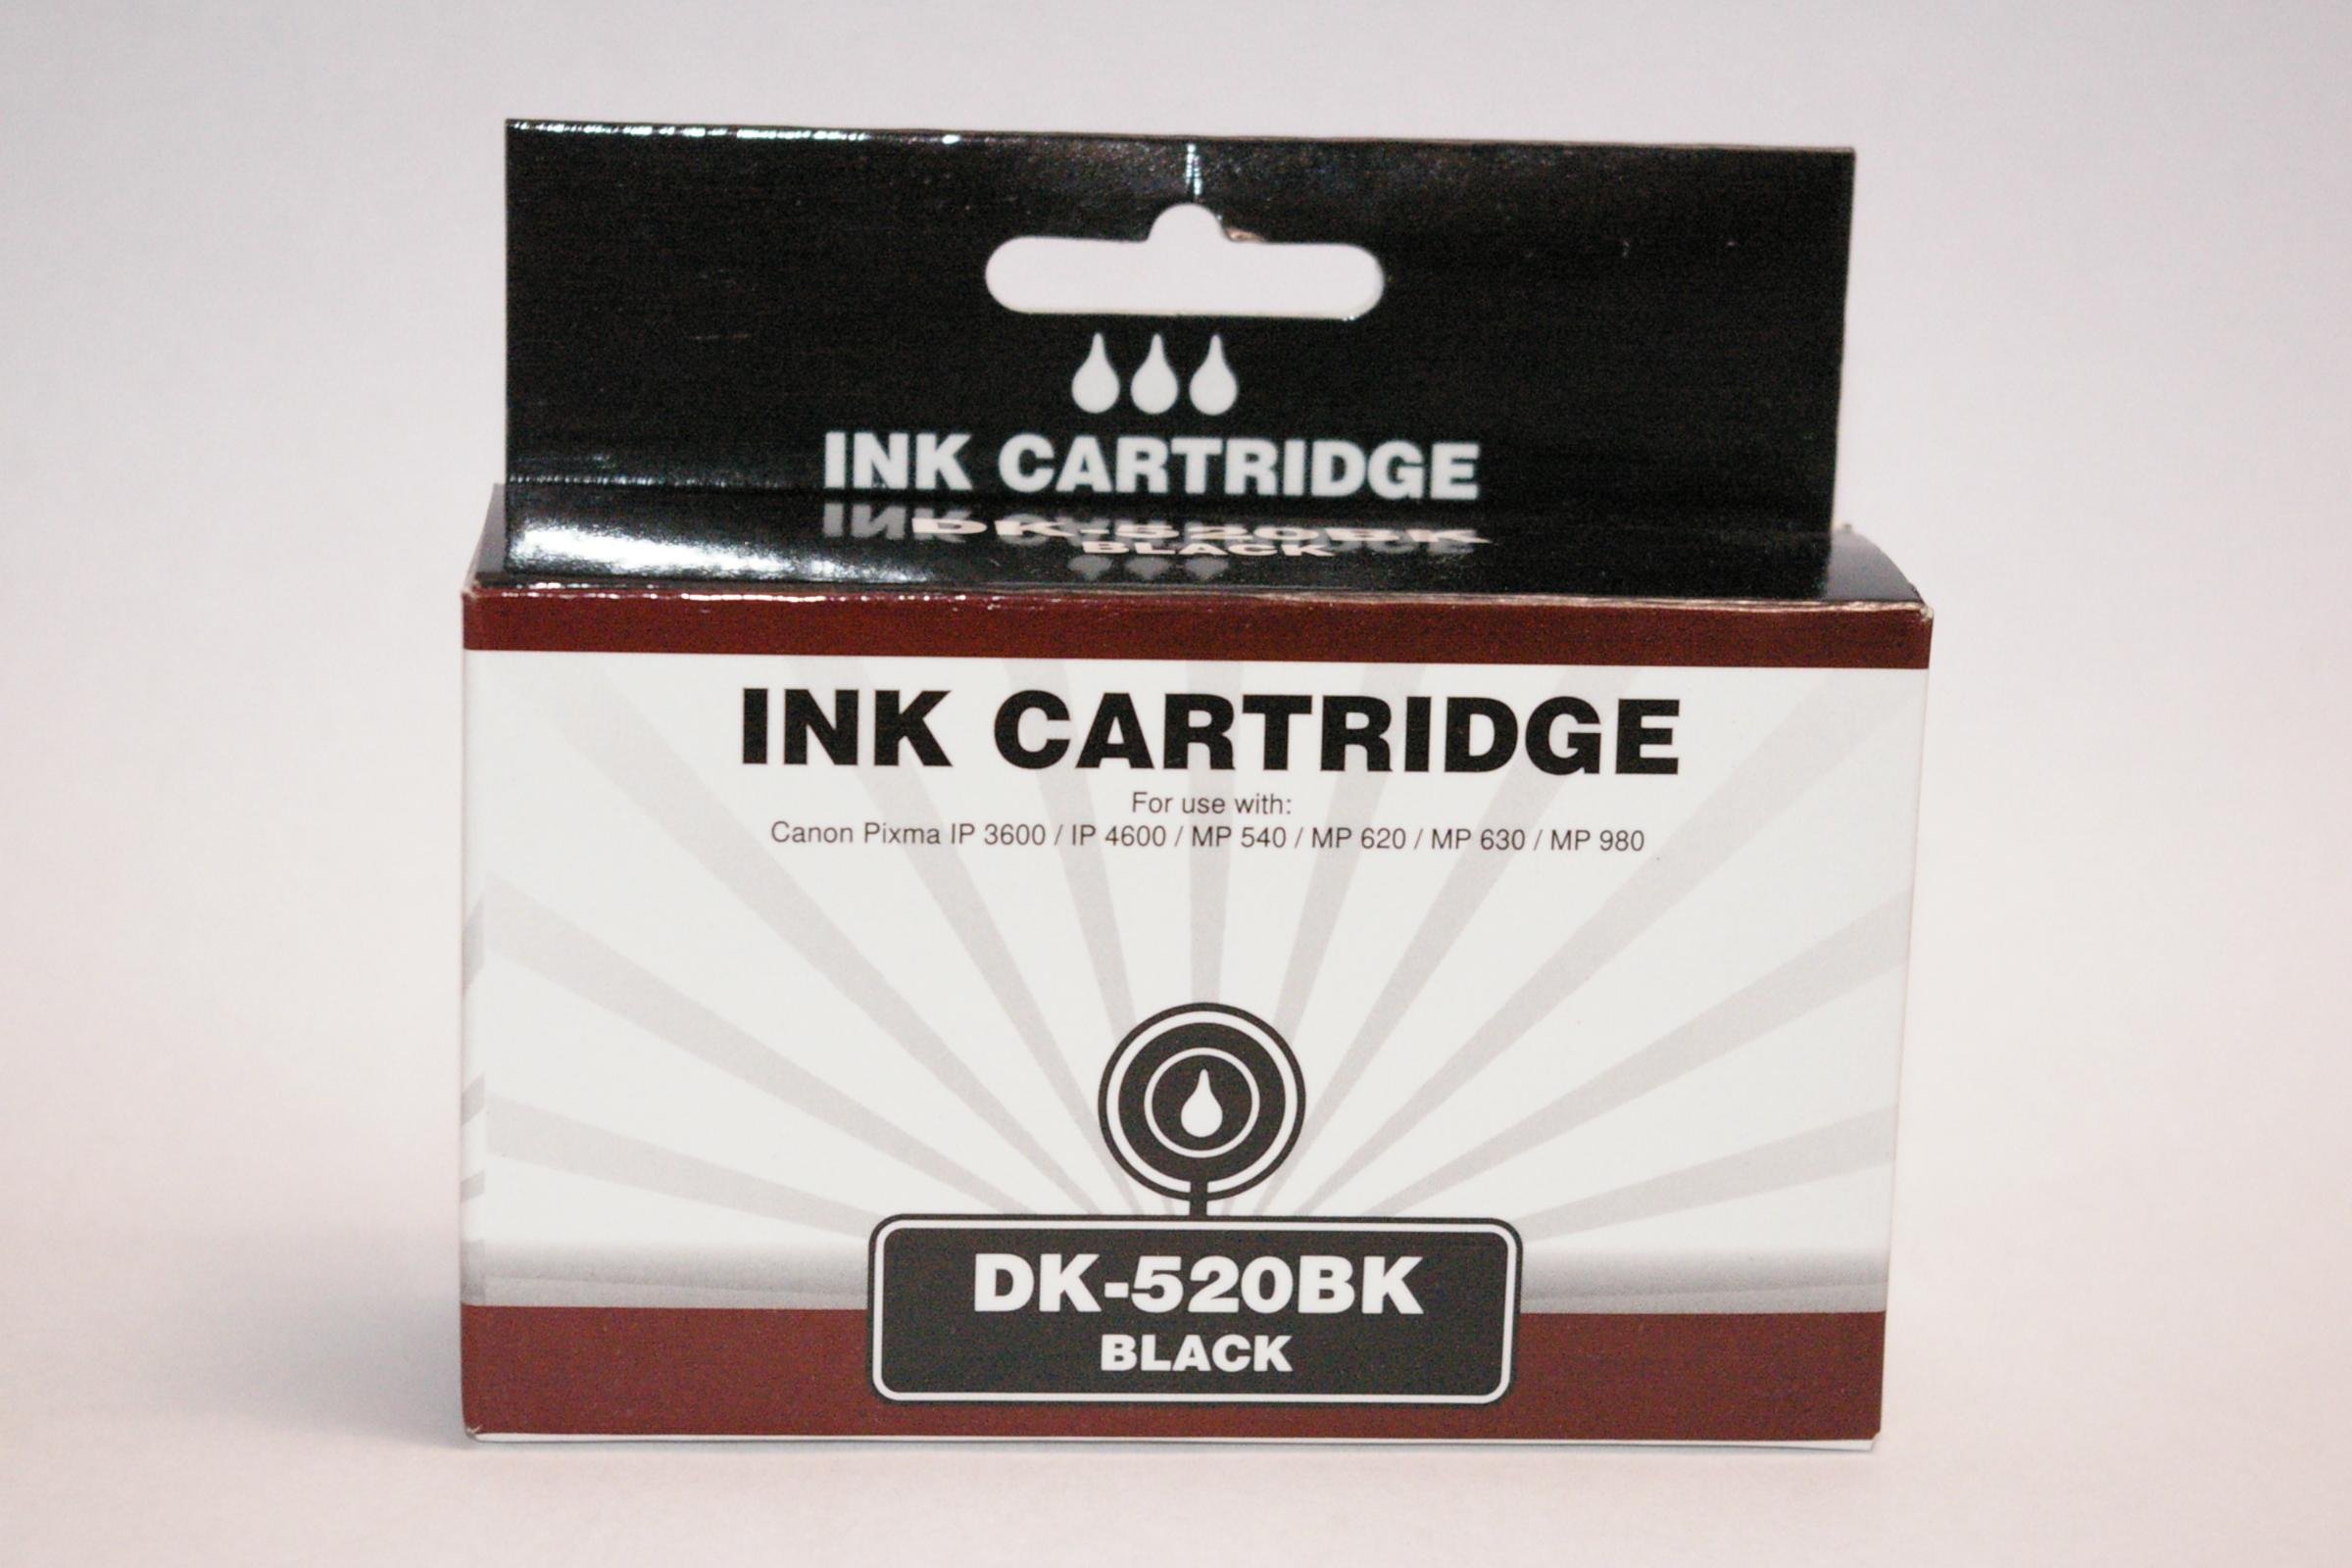 DK-520BK (Black), kompatibel zu PGI-520 (Black)